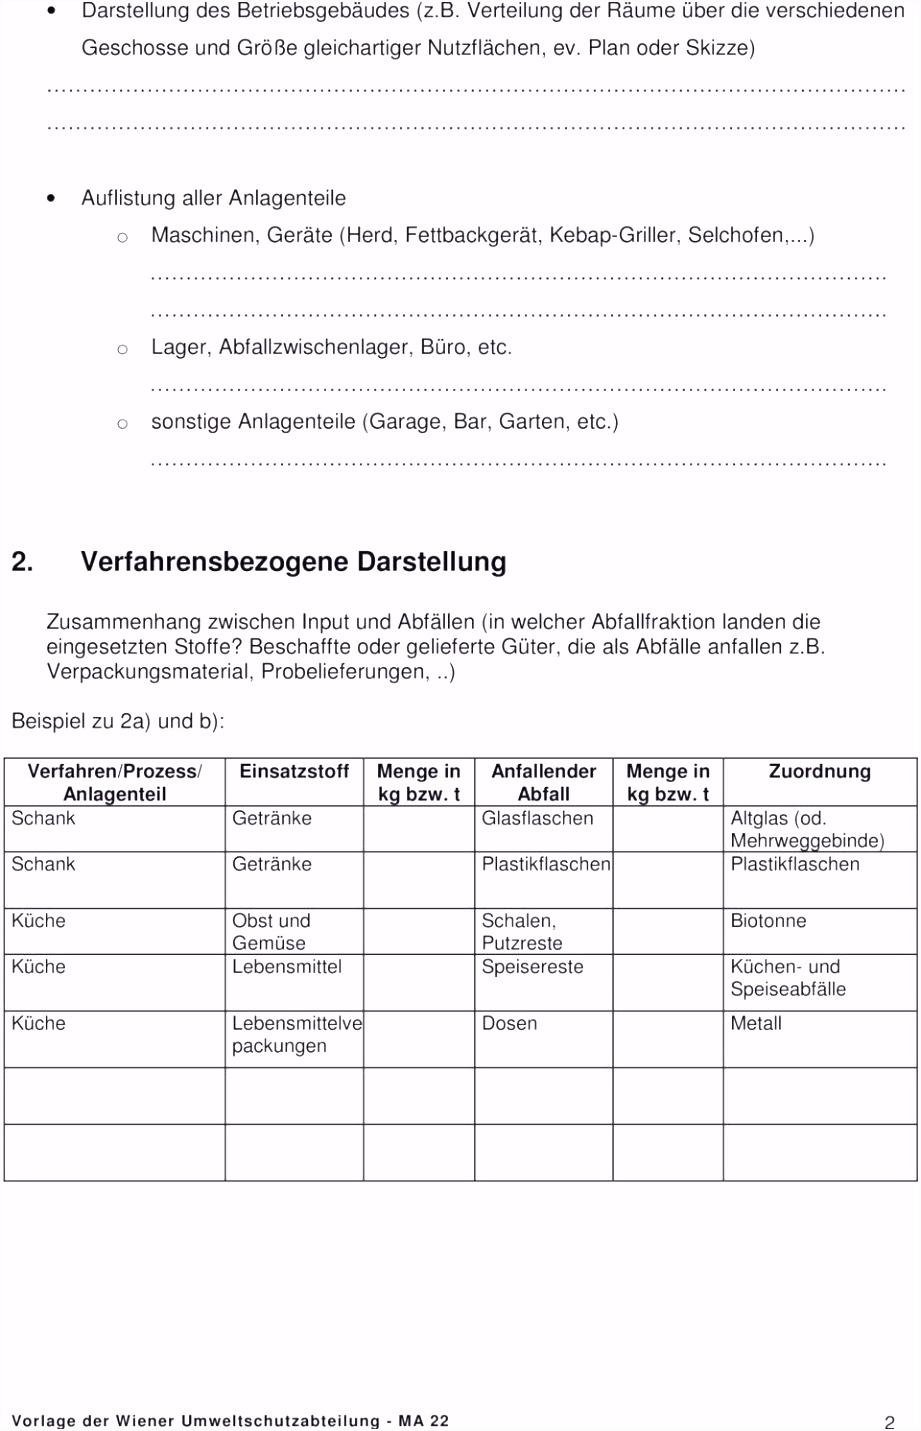 Vorlage Kundigung Kfz Versicherung Kfz Versicherung Wechseln Stichtag Archives Pujcka N3td13o5n4 Z6dcuhhlfu